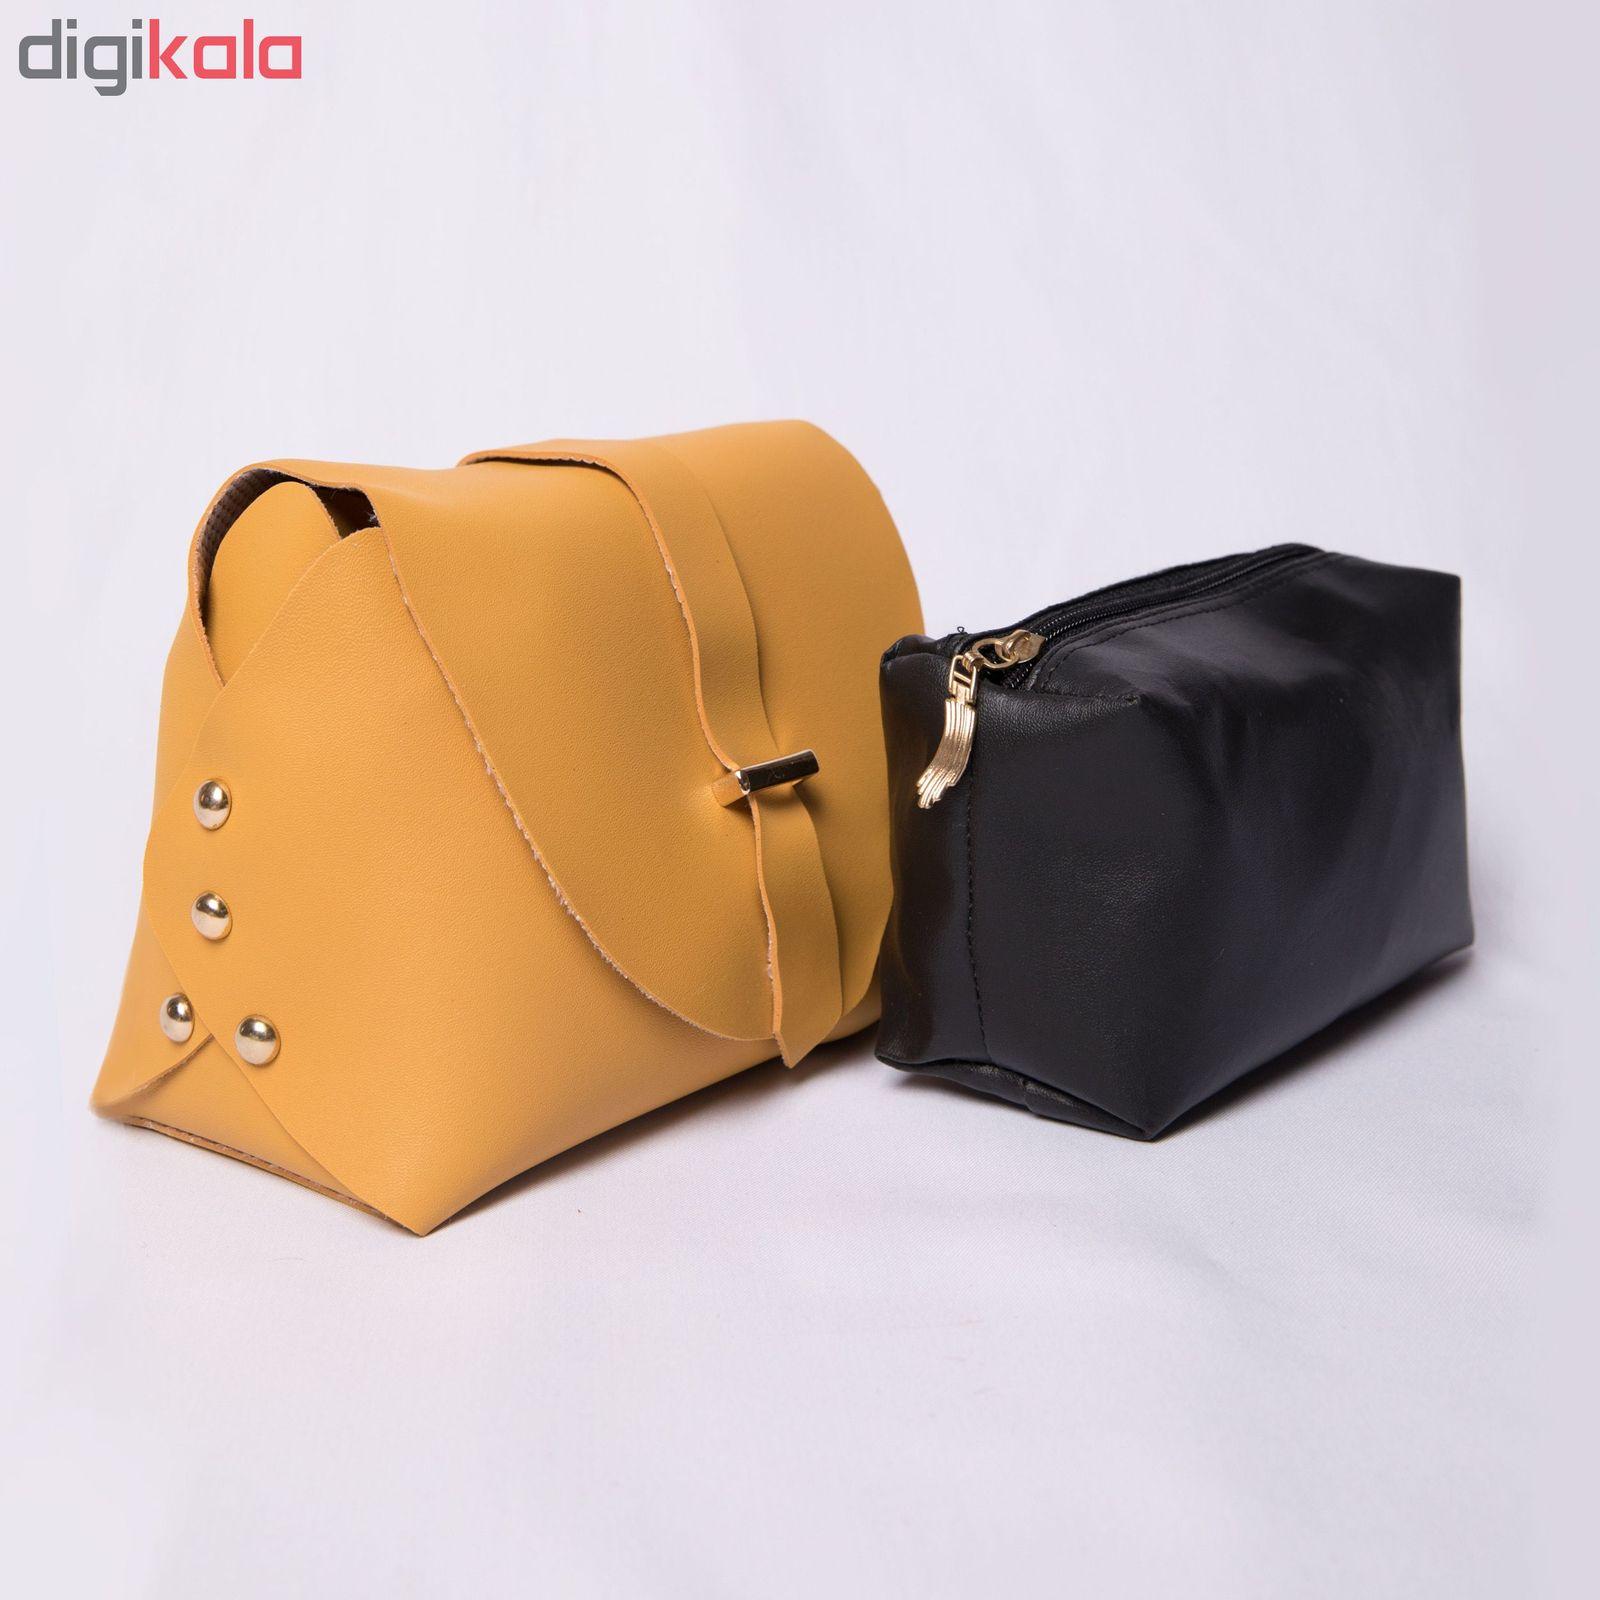 کیف دوشی زنانه مدل روشا -  - 7